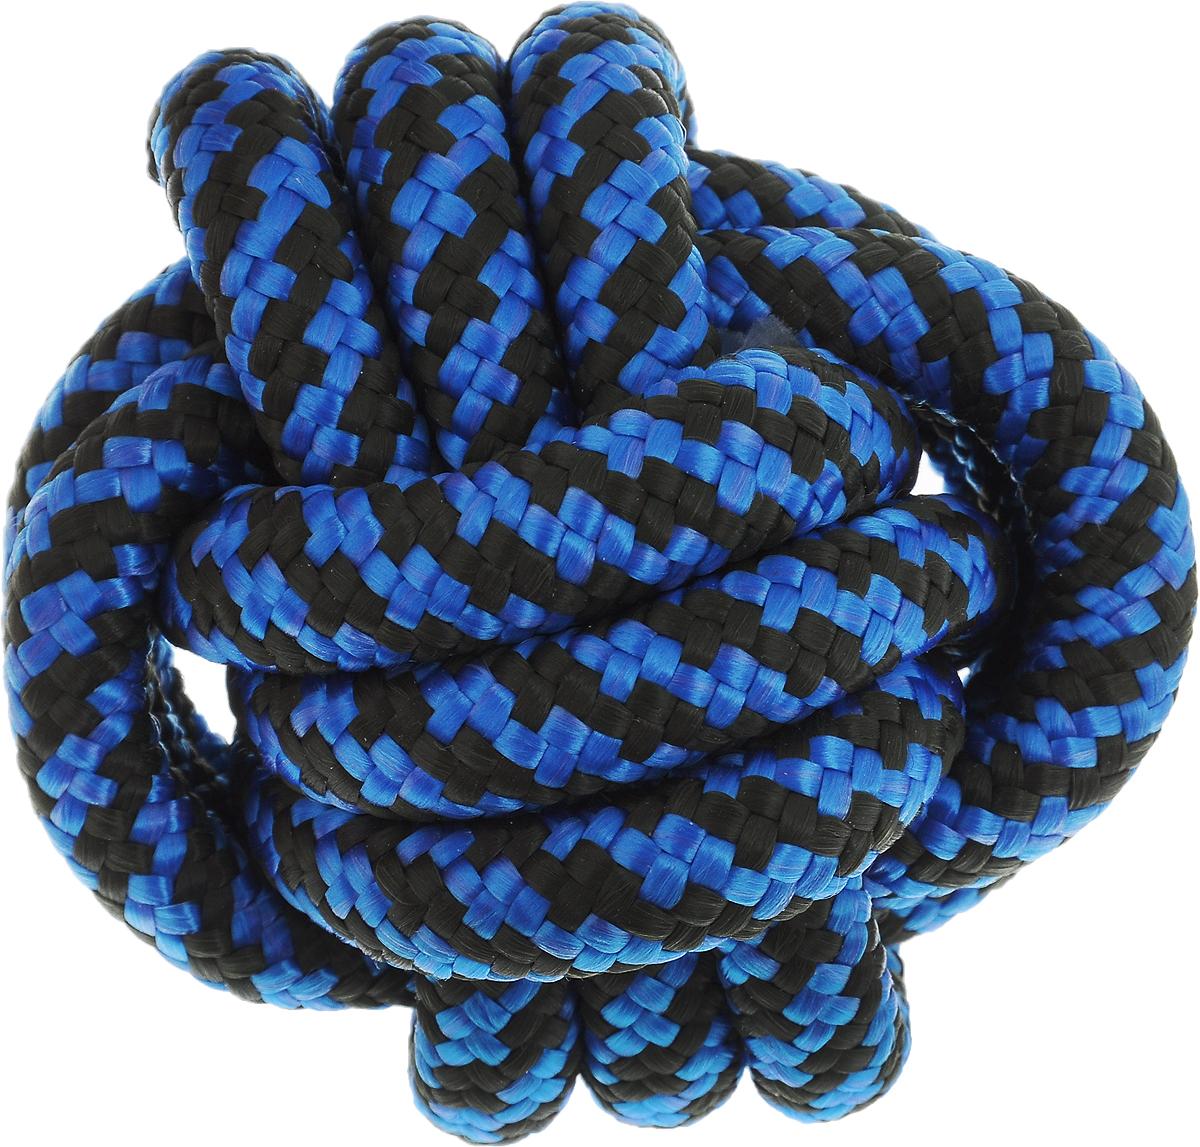 Игрушка для собак Zoobaloo Кулак обезьяны, цвет: синий, серый, диаметр 10 см игрушки для животных zoobaloo игрушка для кошки бамбук плюшевый мяч на резинке 60см